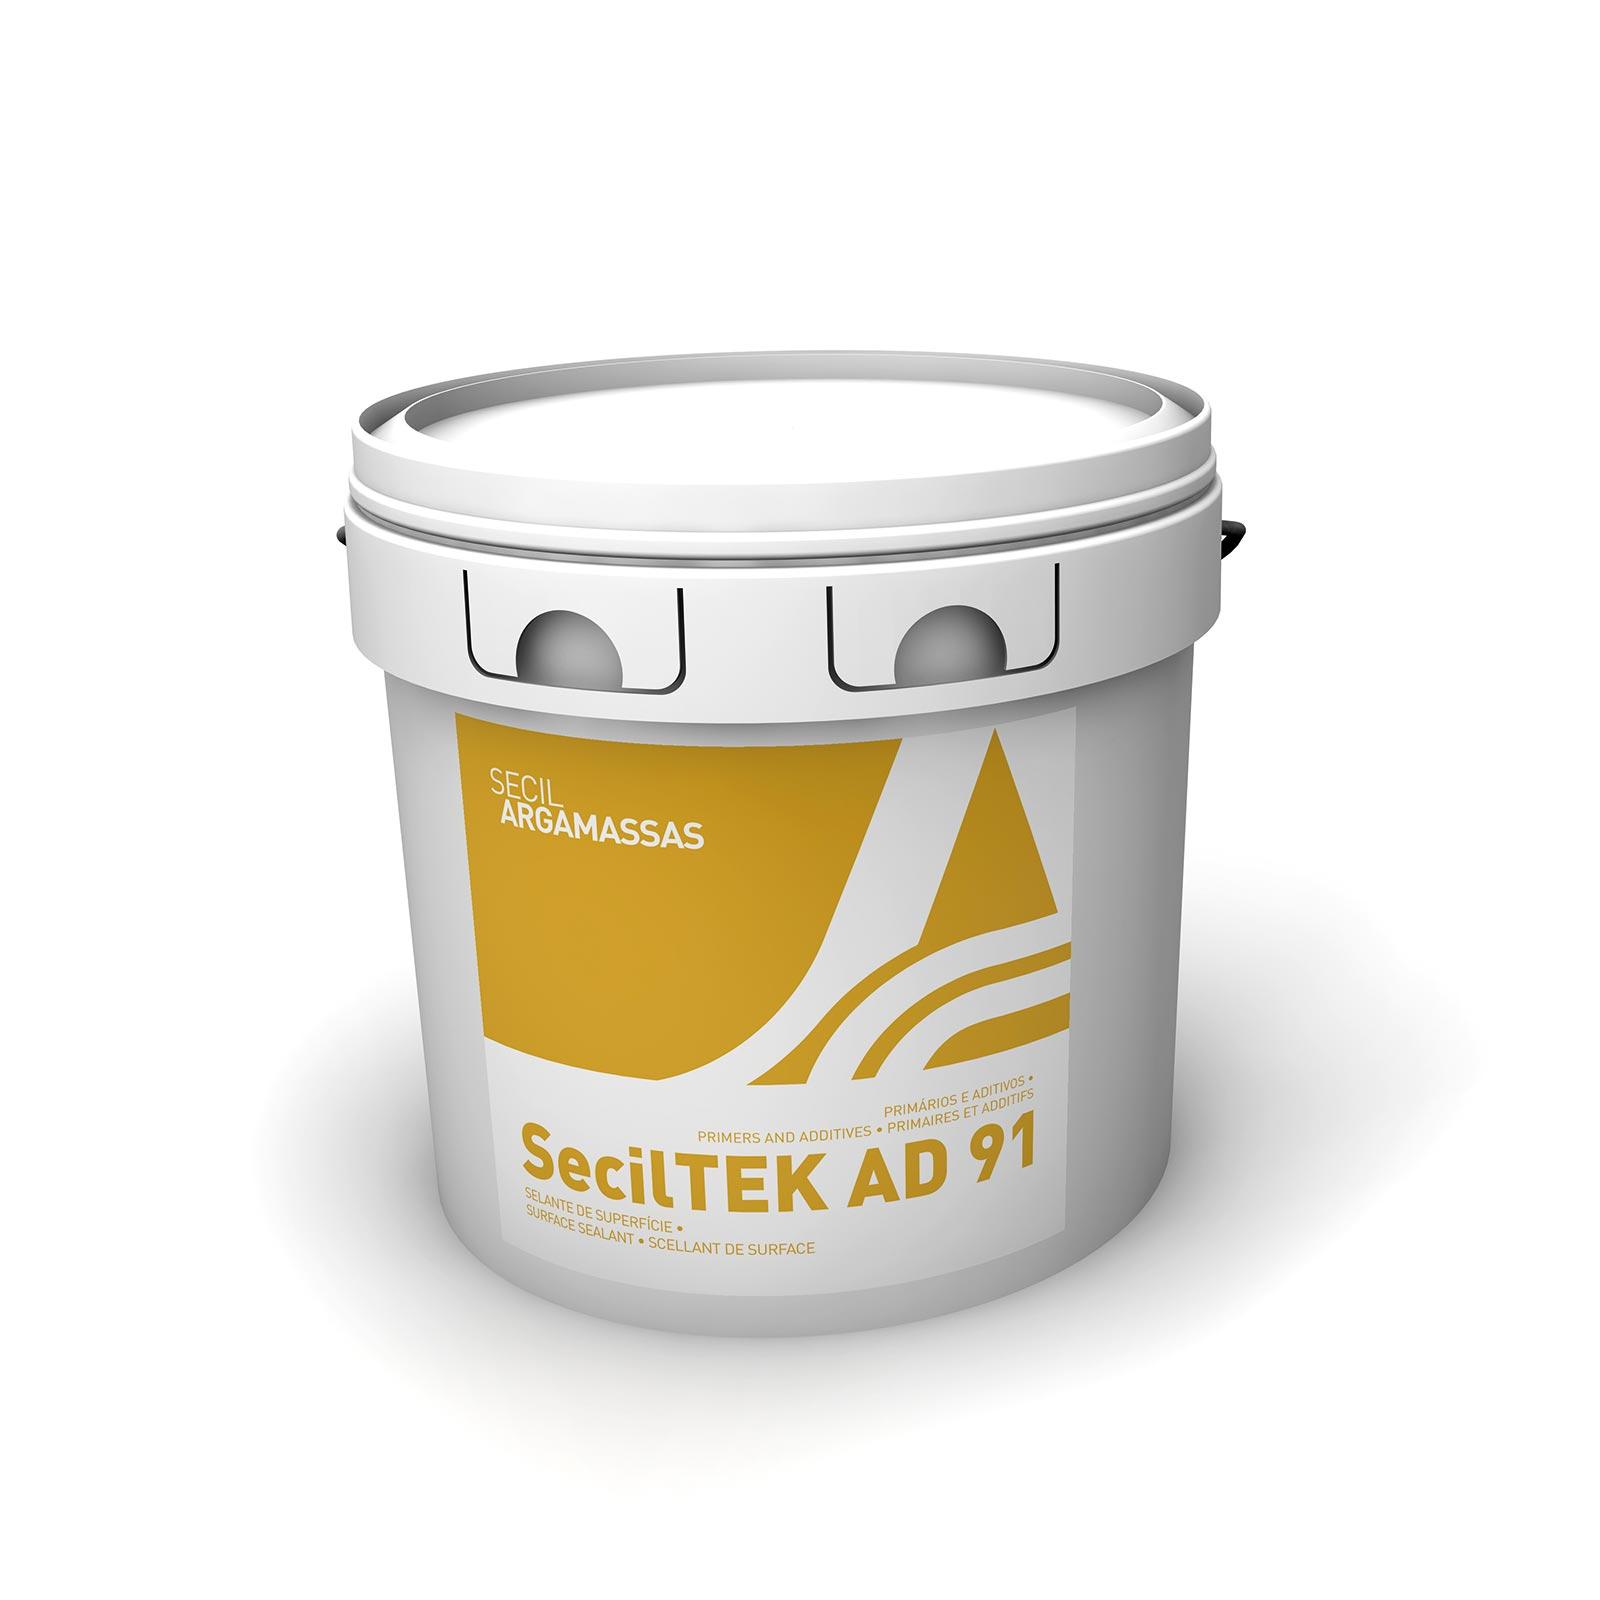 SecilTEK AD 91